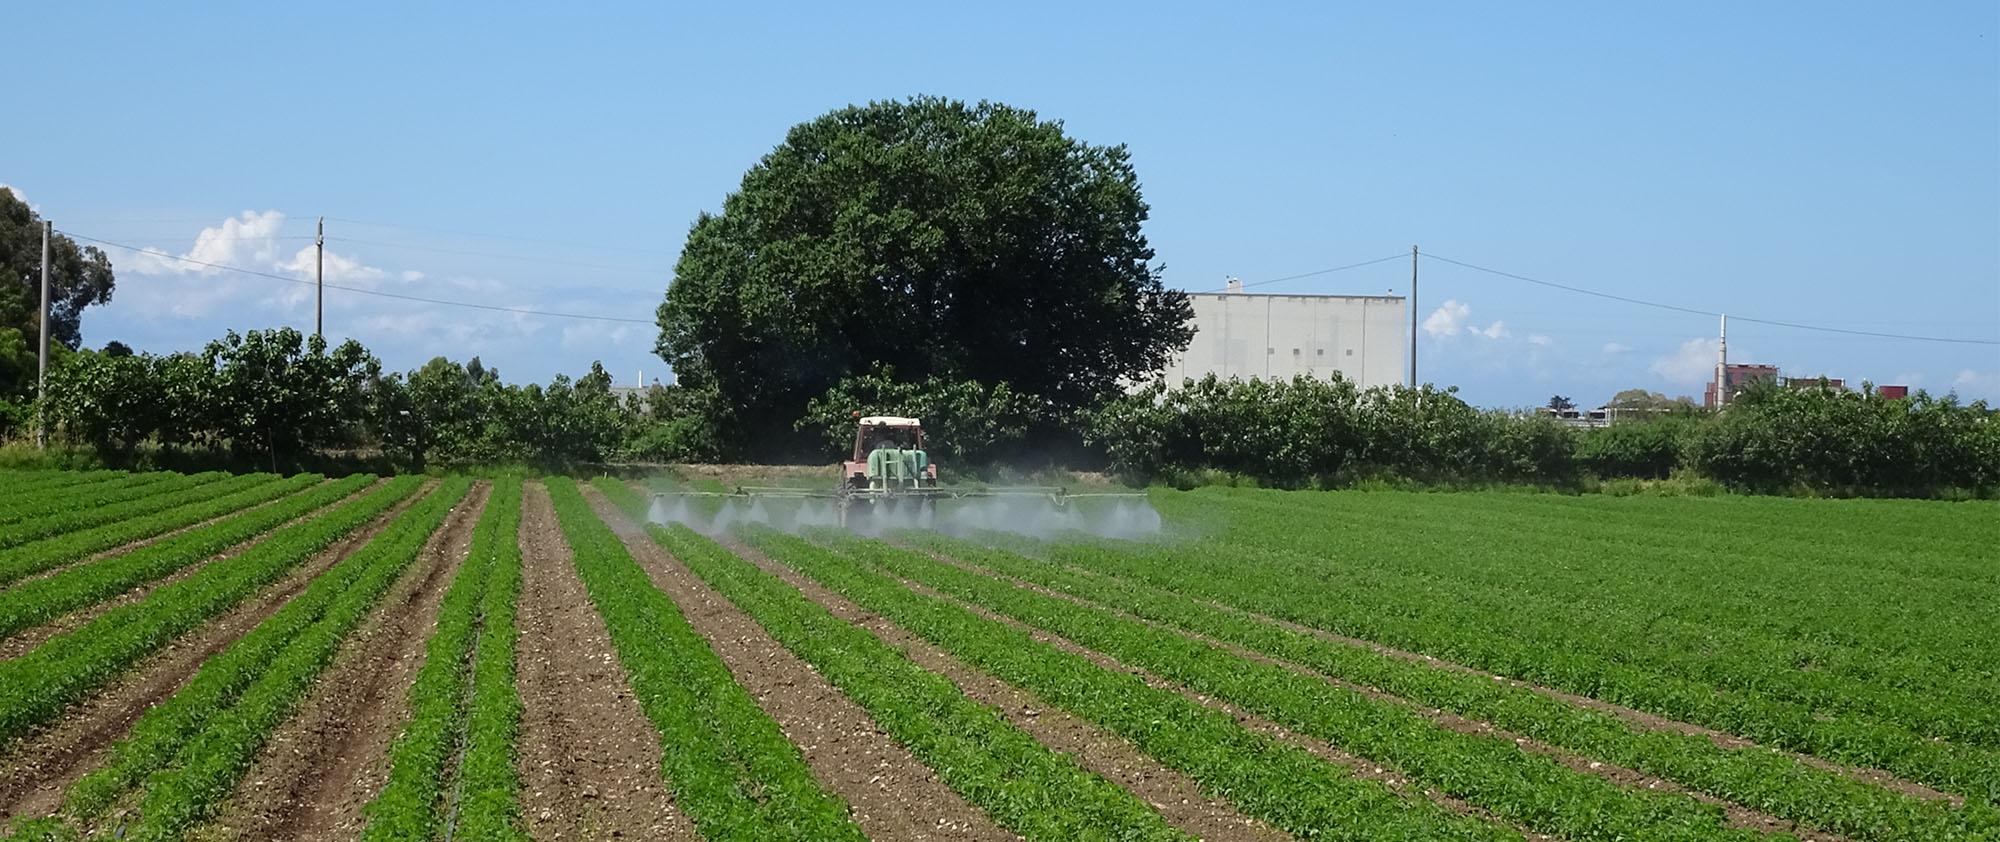 Pestizide werden auf einem Feld versprüht